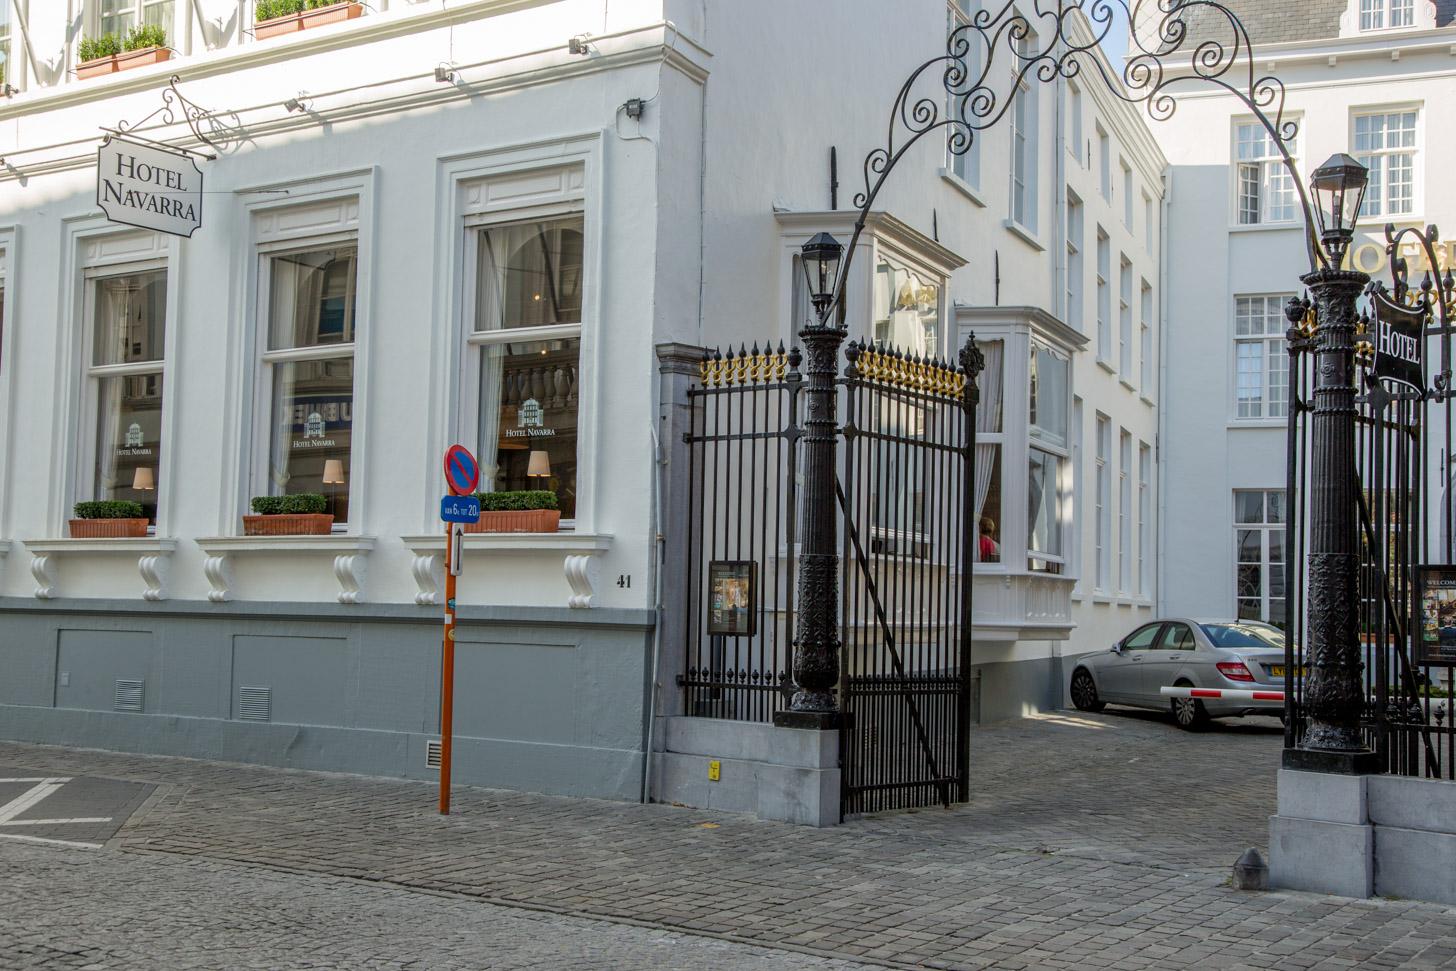 Hotel Navarra in Brugge